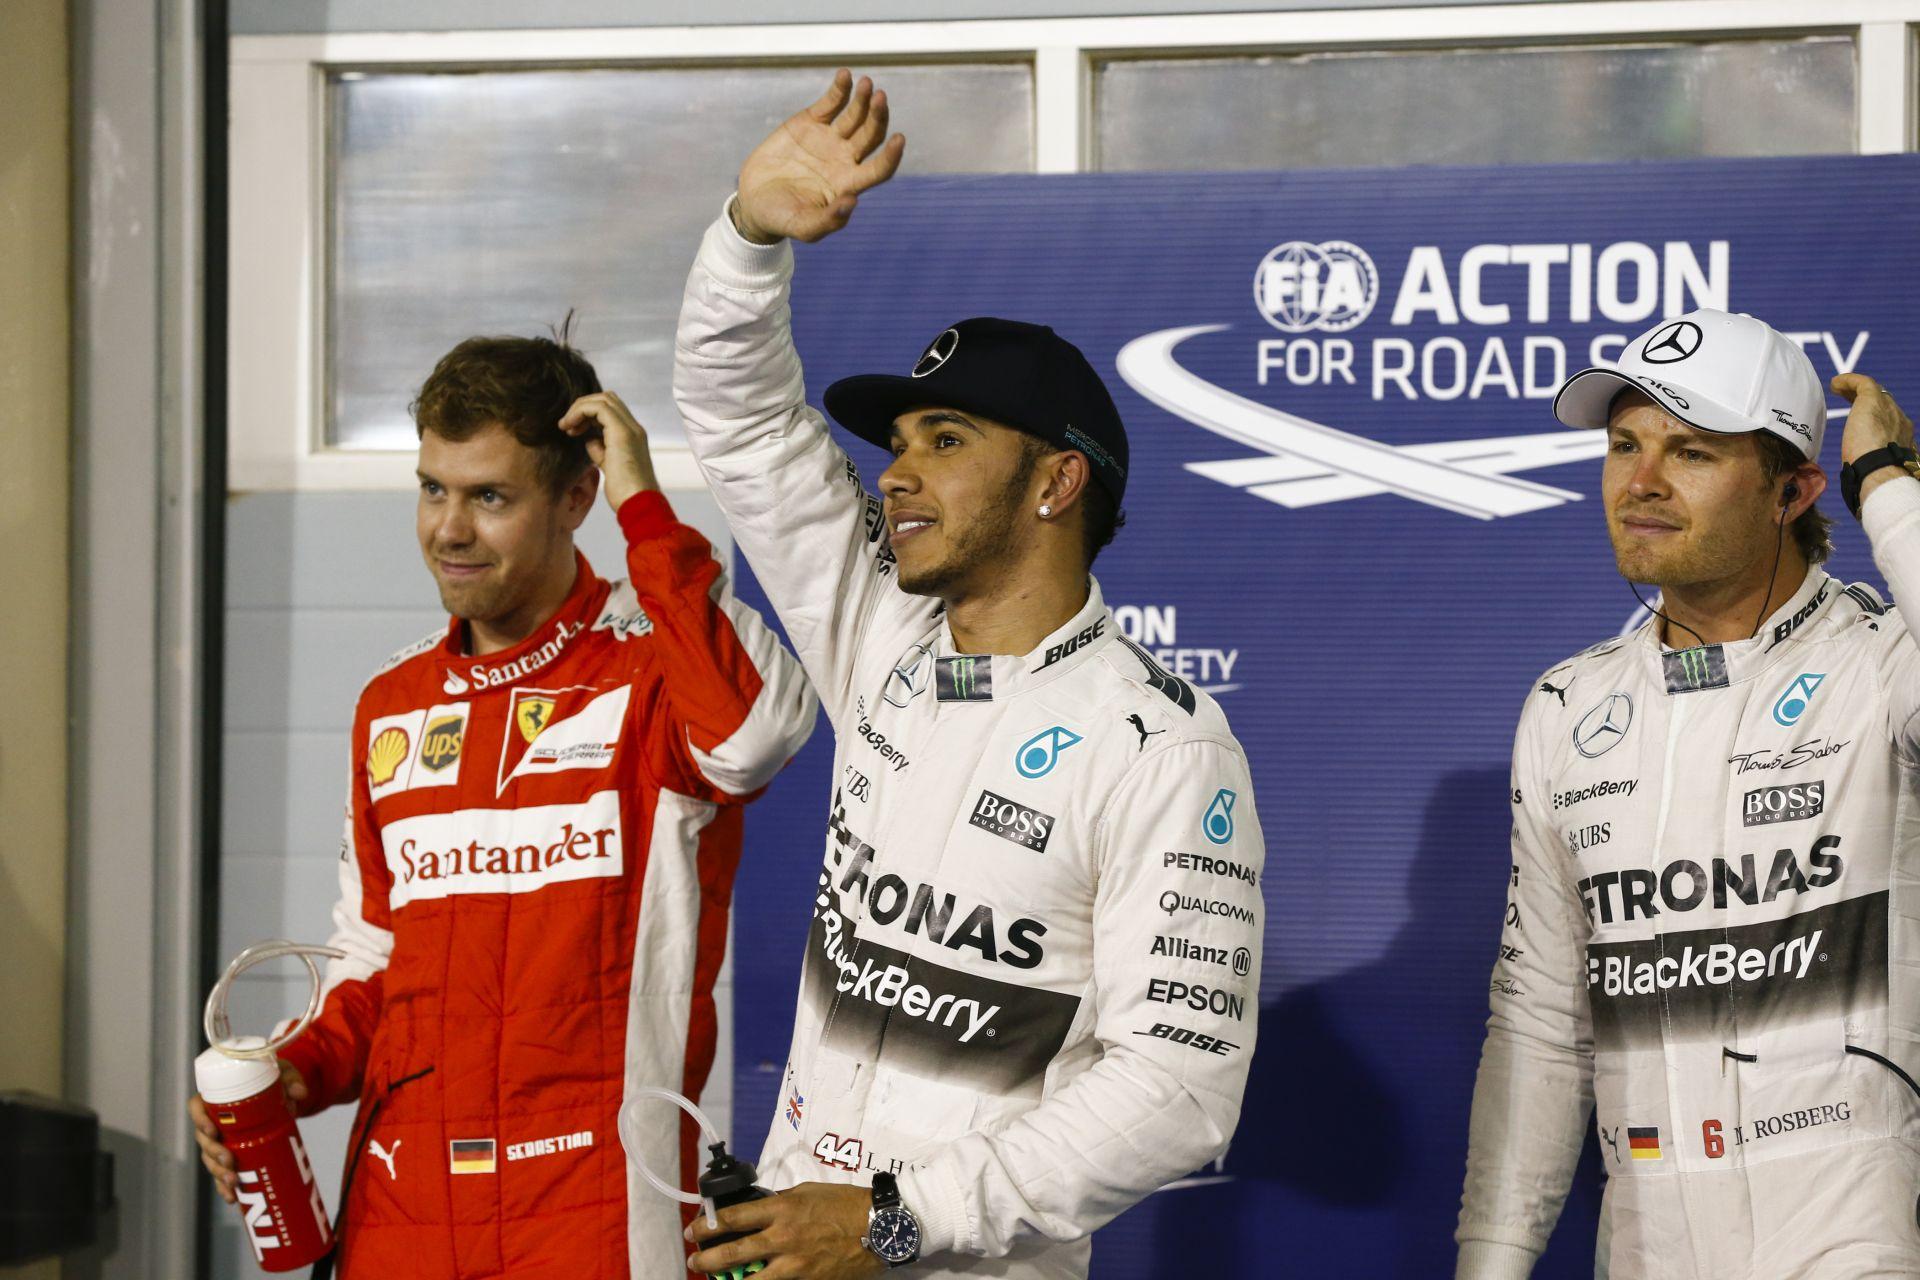 Moss szerint Rosberg soha nem fogja legyőzni Hamiltont